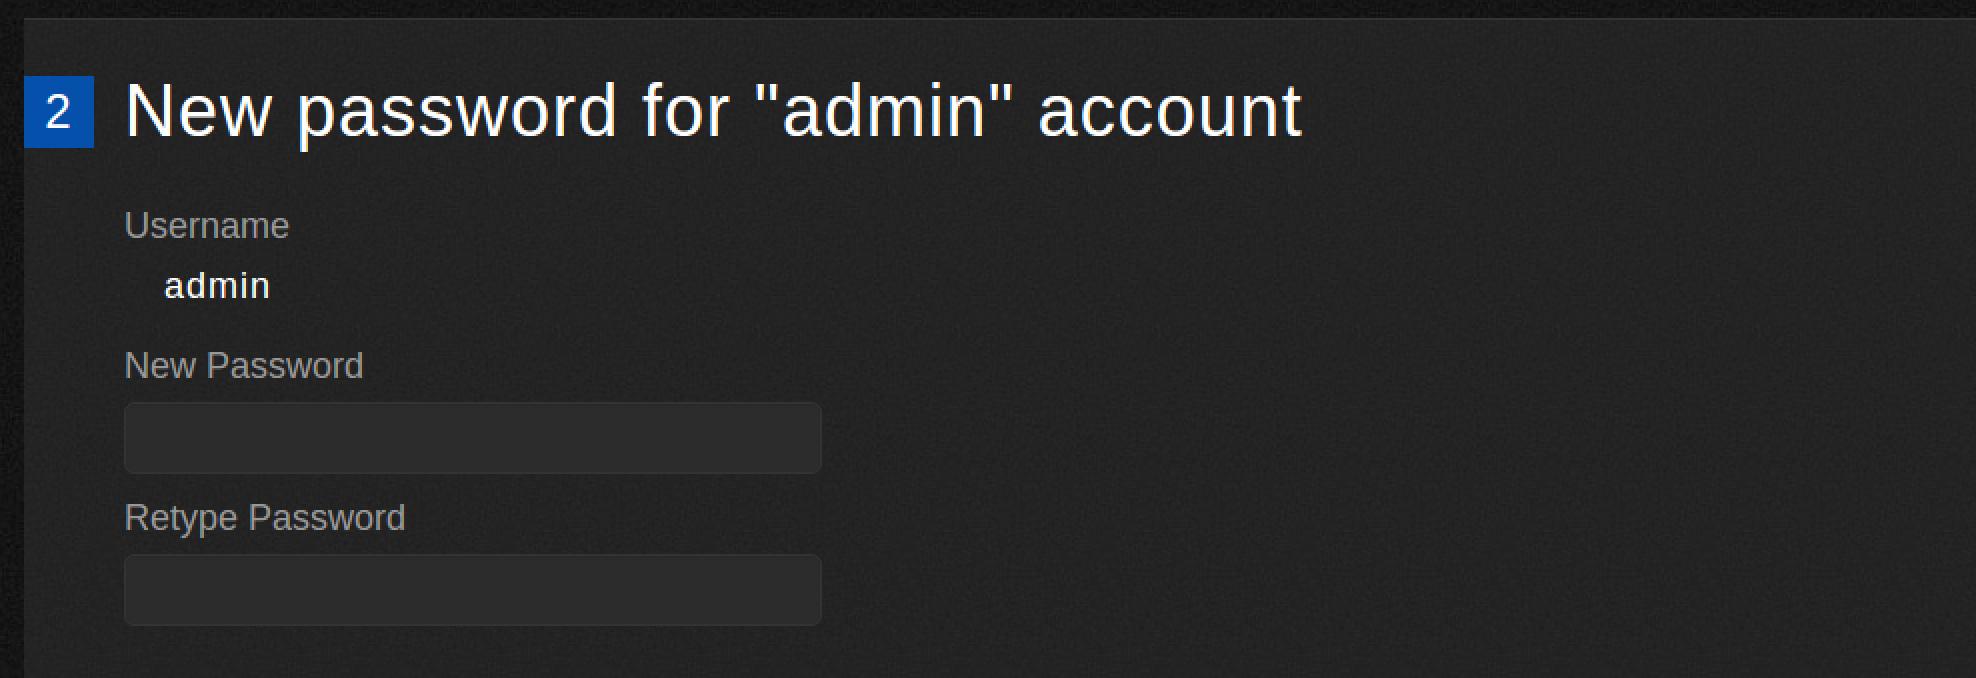 Enter admin password